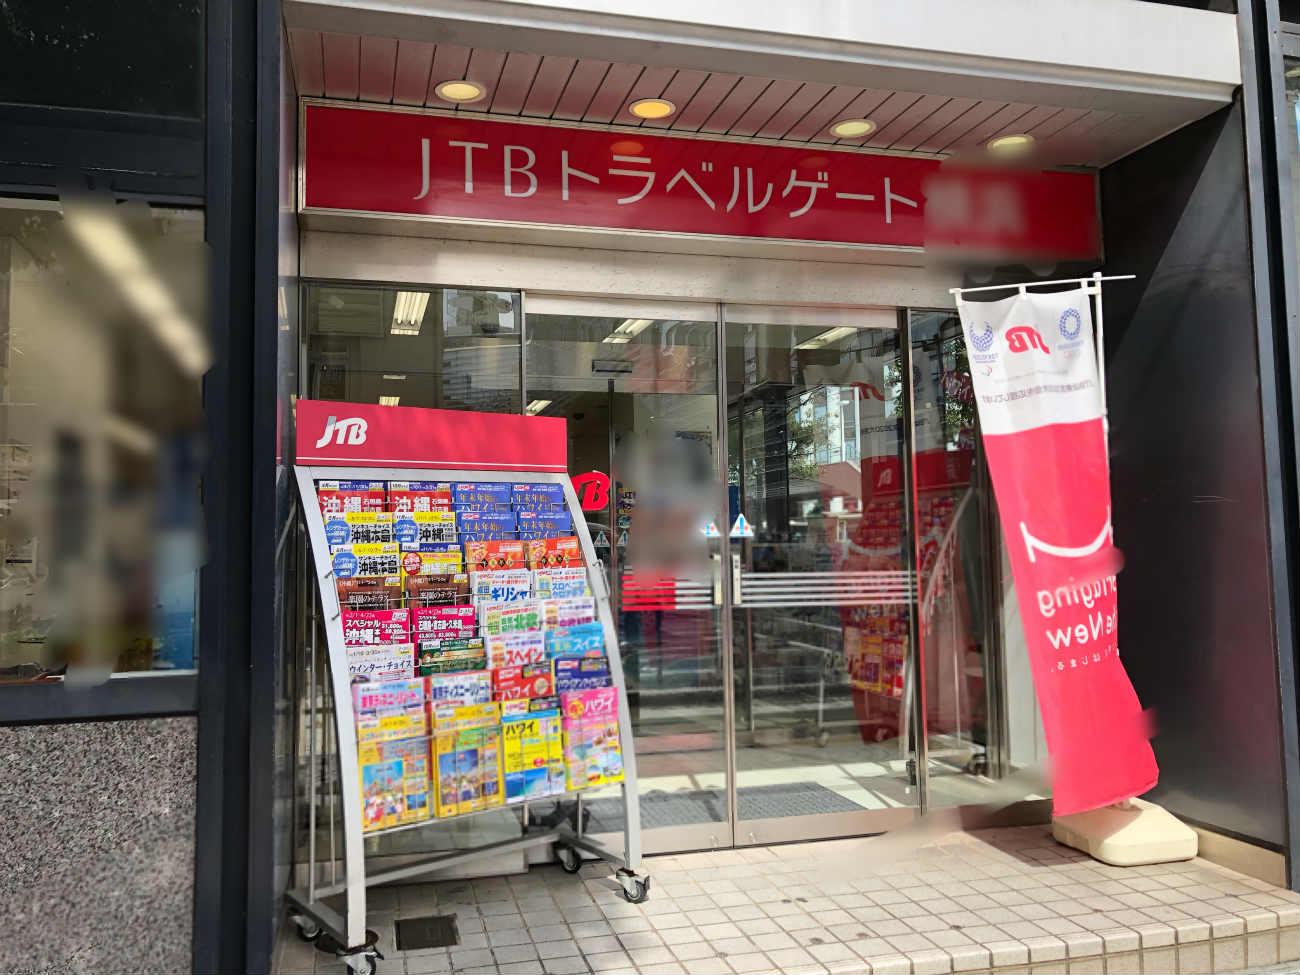 JTBの店舗